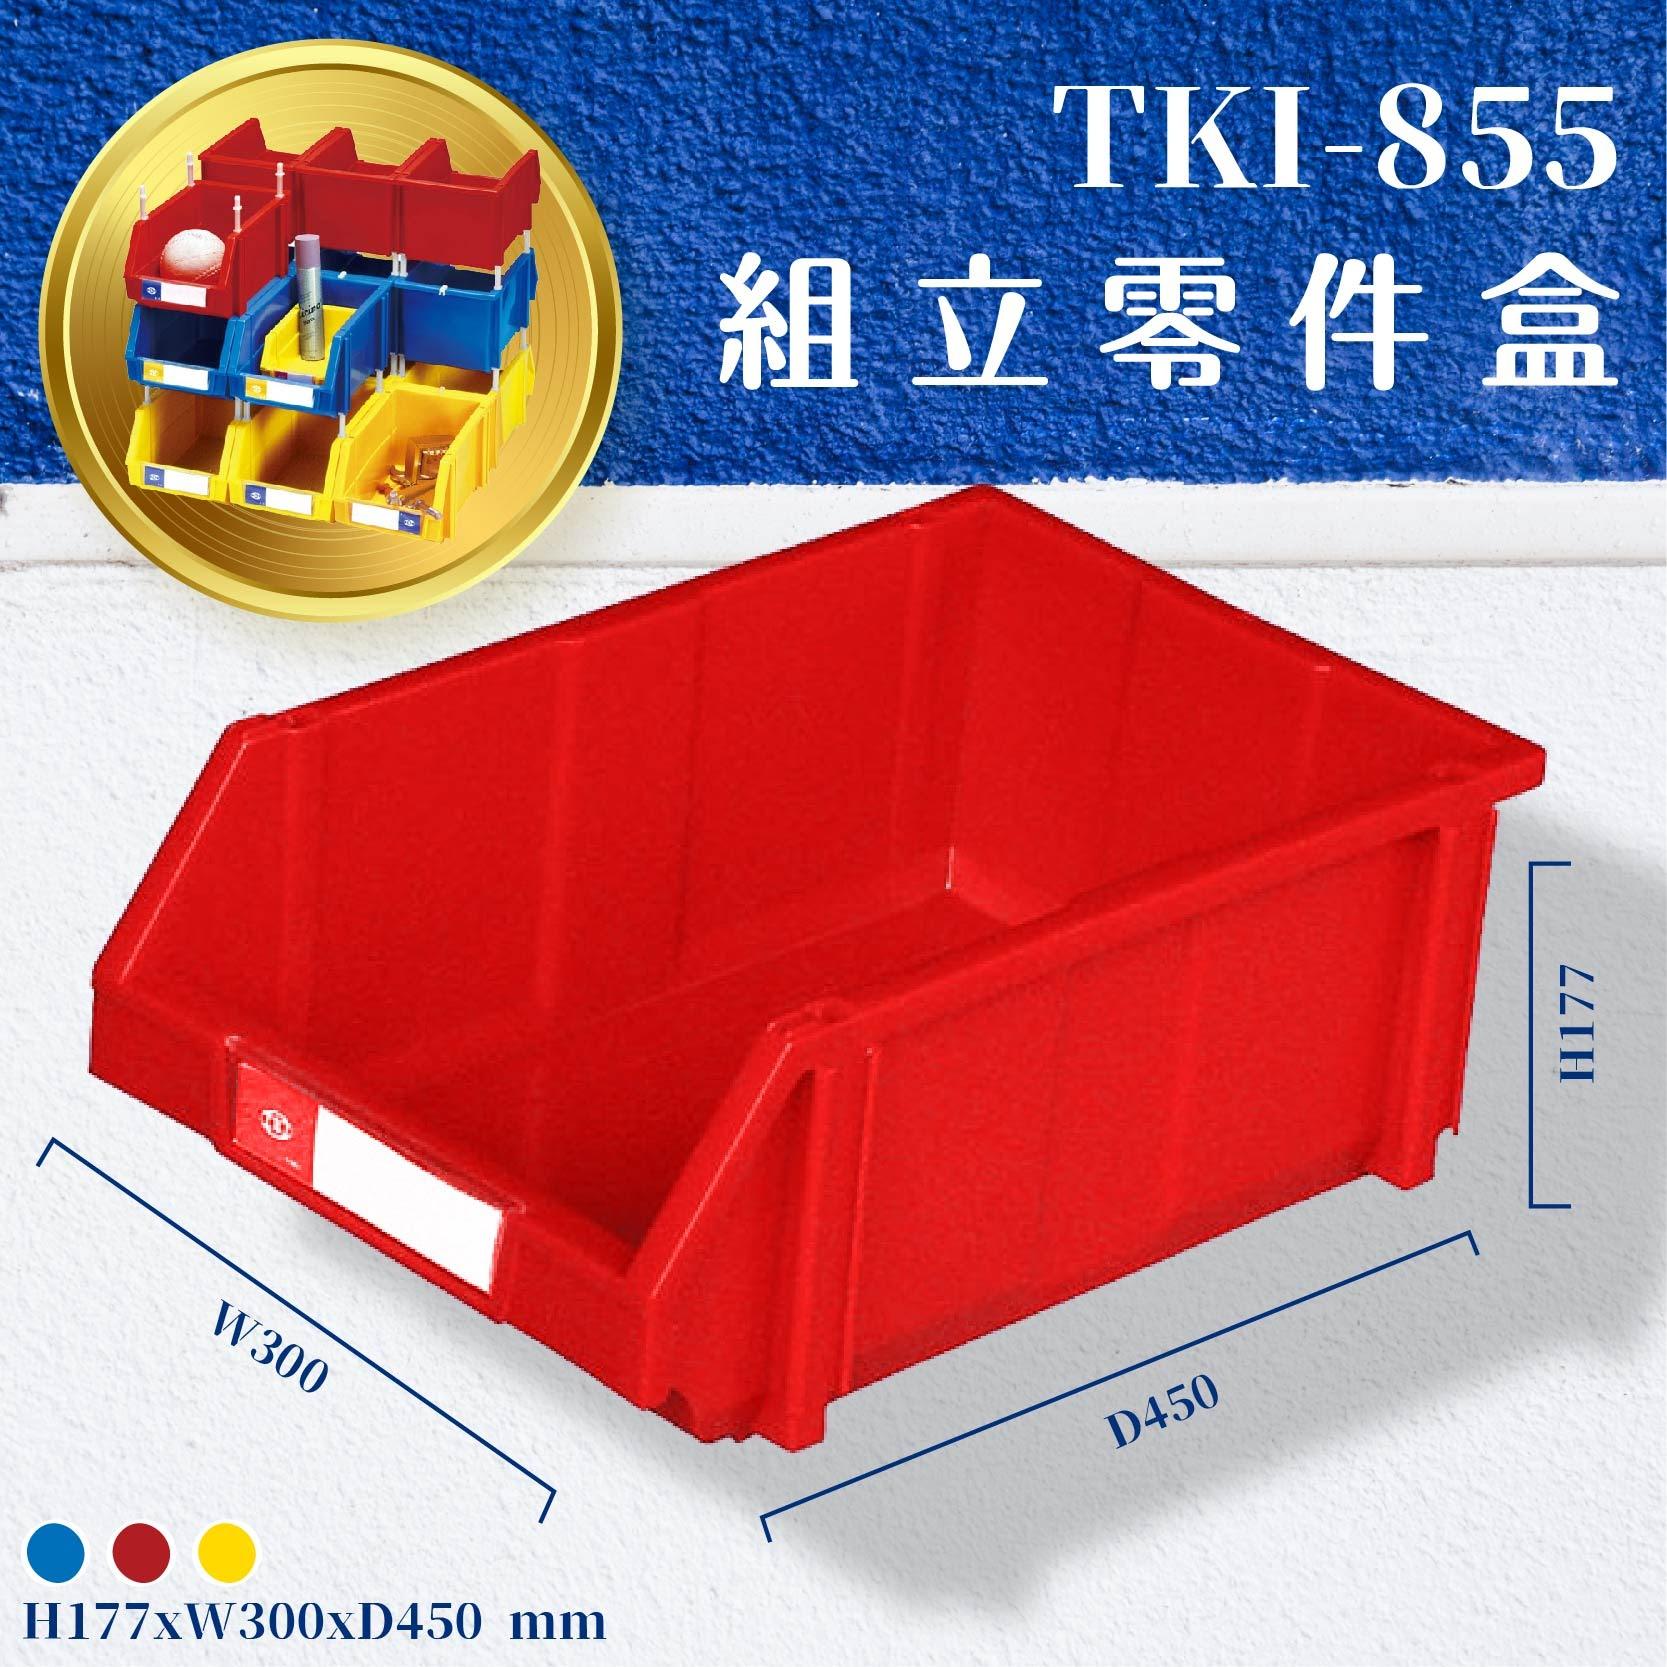 輕鬆收納【天鋼】TKI-855 組立零件盒(紅) 耐衝擊 整理盒 工具盒 分類盒 收納盒 零件 工廠 車廠